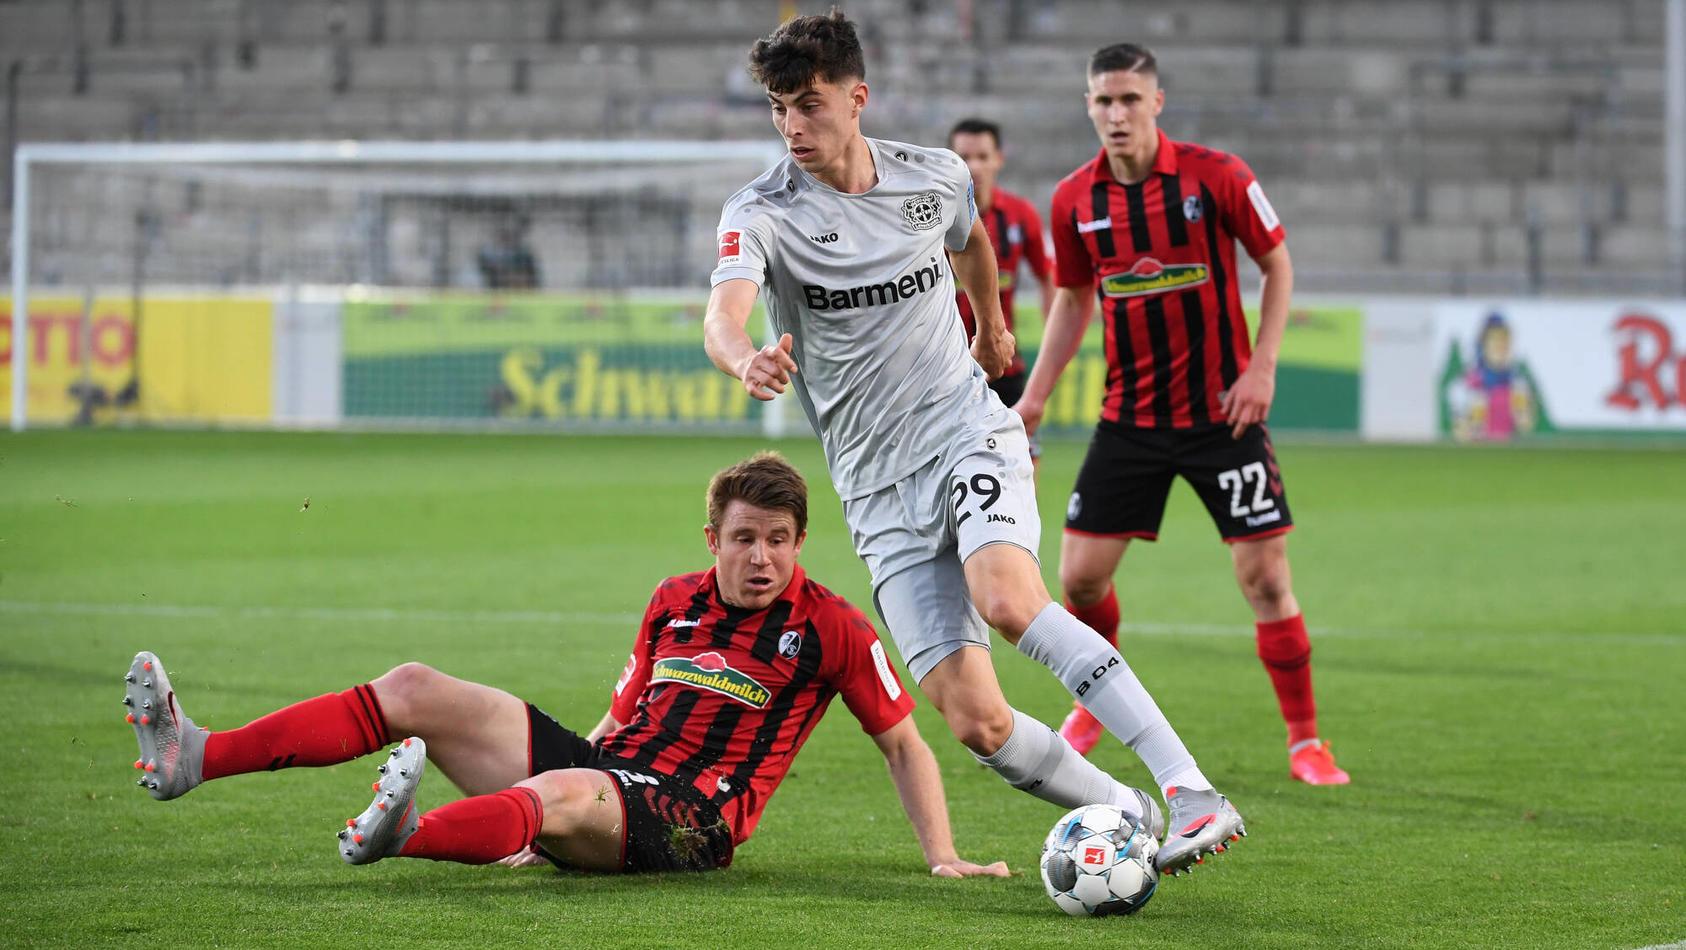 SC Freiburg - Bayer 04 Leverkusen, 29.05.2020 Dominique Heintz (SC Freiburg, l.) gegen Kai Havertz (Leverkusen, r.). Fu